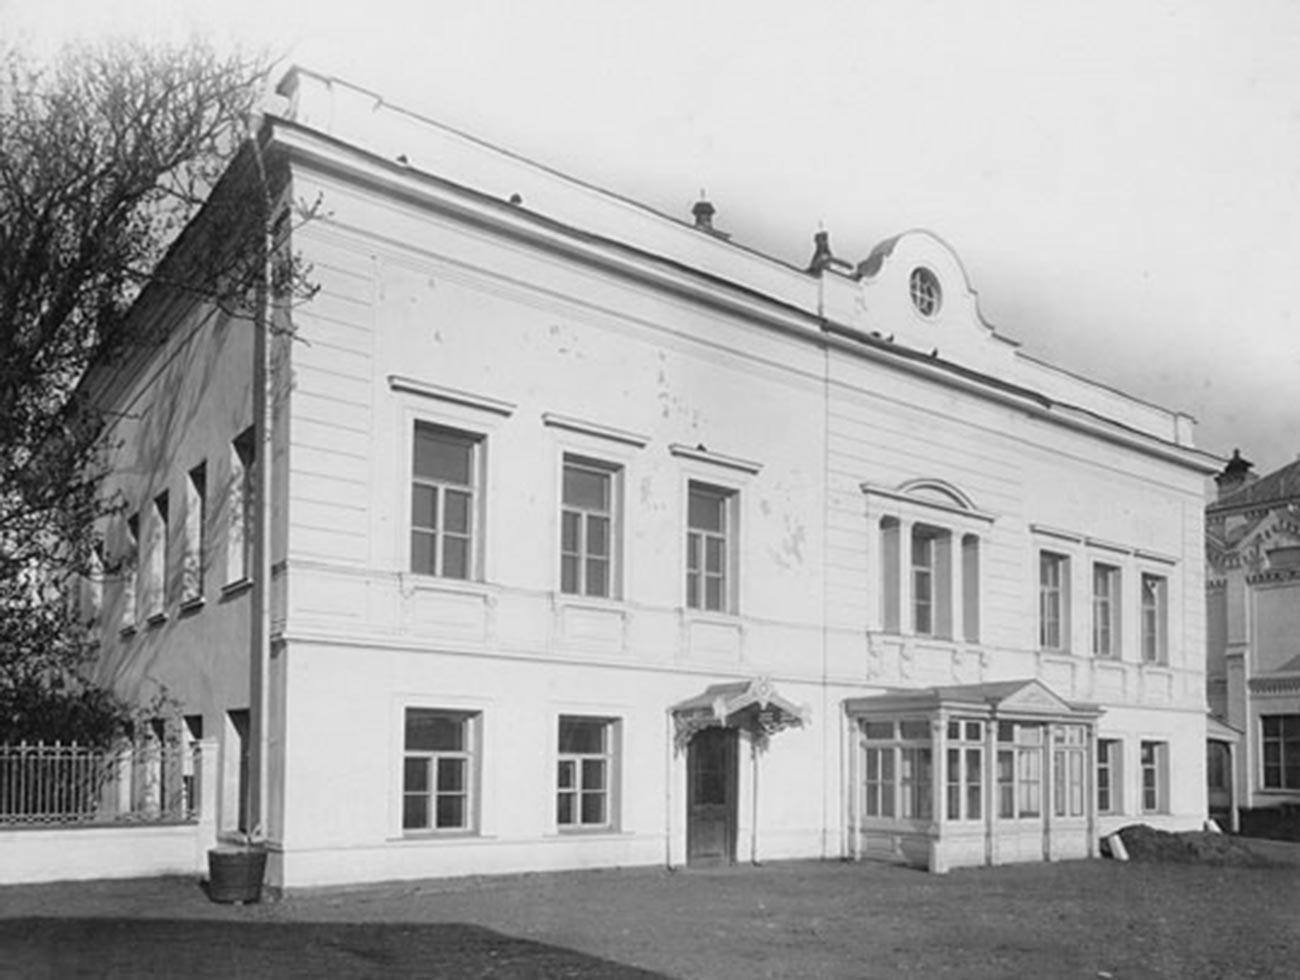 Vila Tretjakovih v Lavrušinskem pereulku